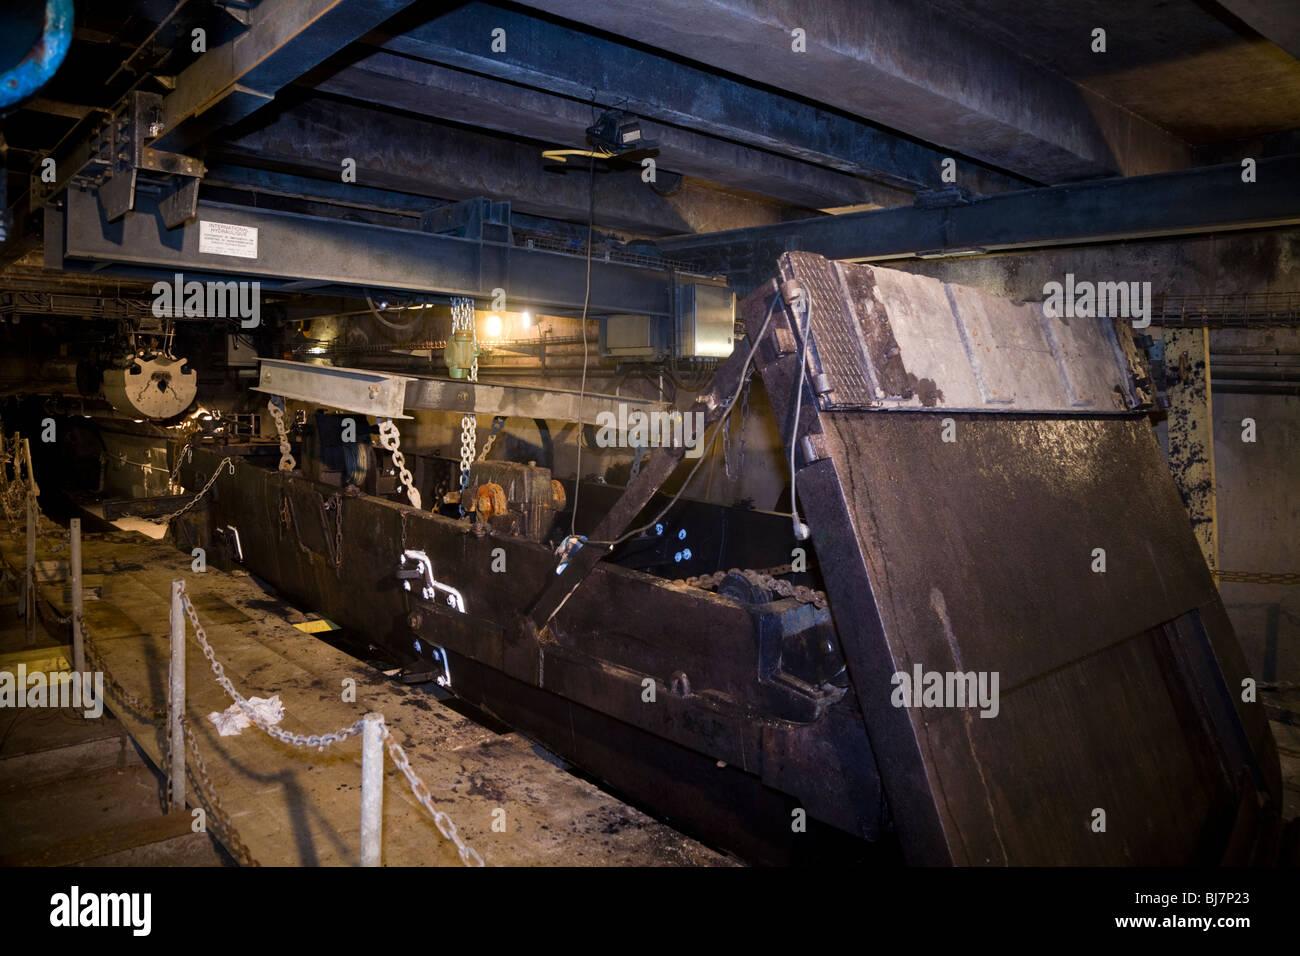 Floating sewer maintenance vehicle / boat inside Paris sewers – Visite Des Egouts De Paris / sewer museum visit - Stock Image